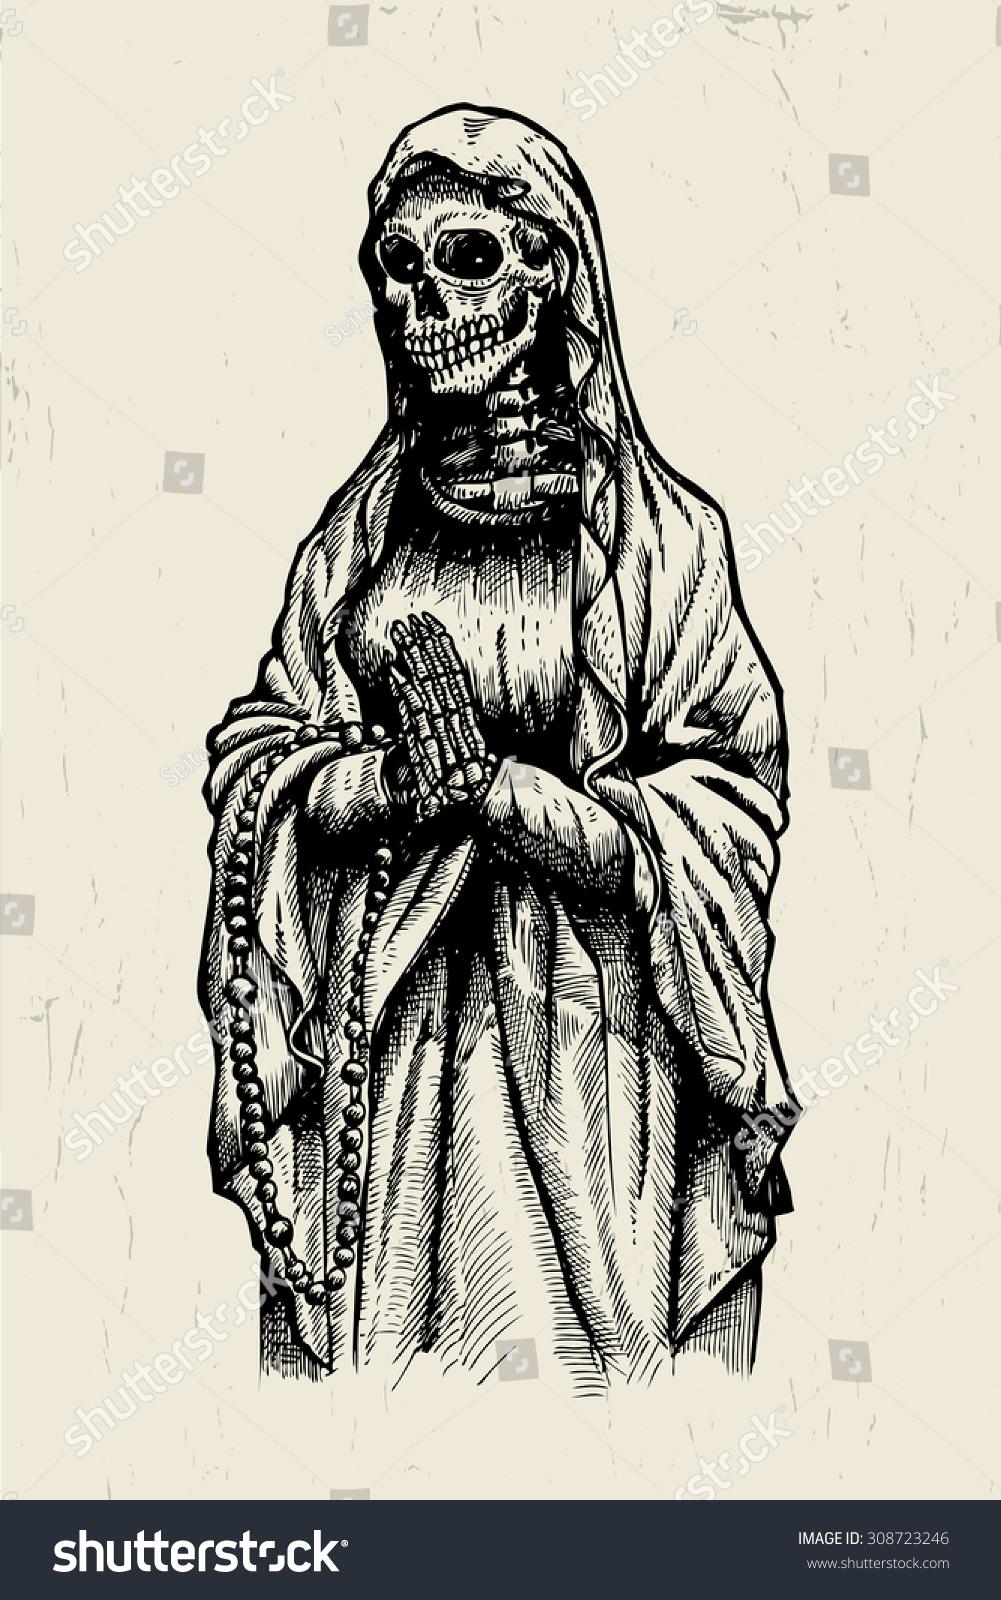 cc92f0aa0 Praying Skeleton Stock Vector (Royalty Free) 308723246